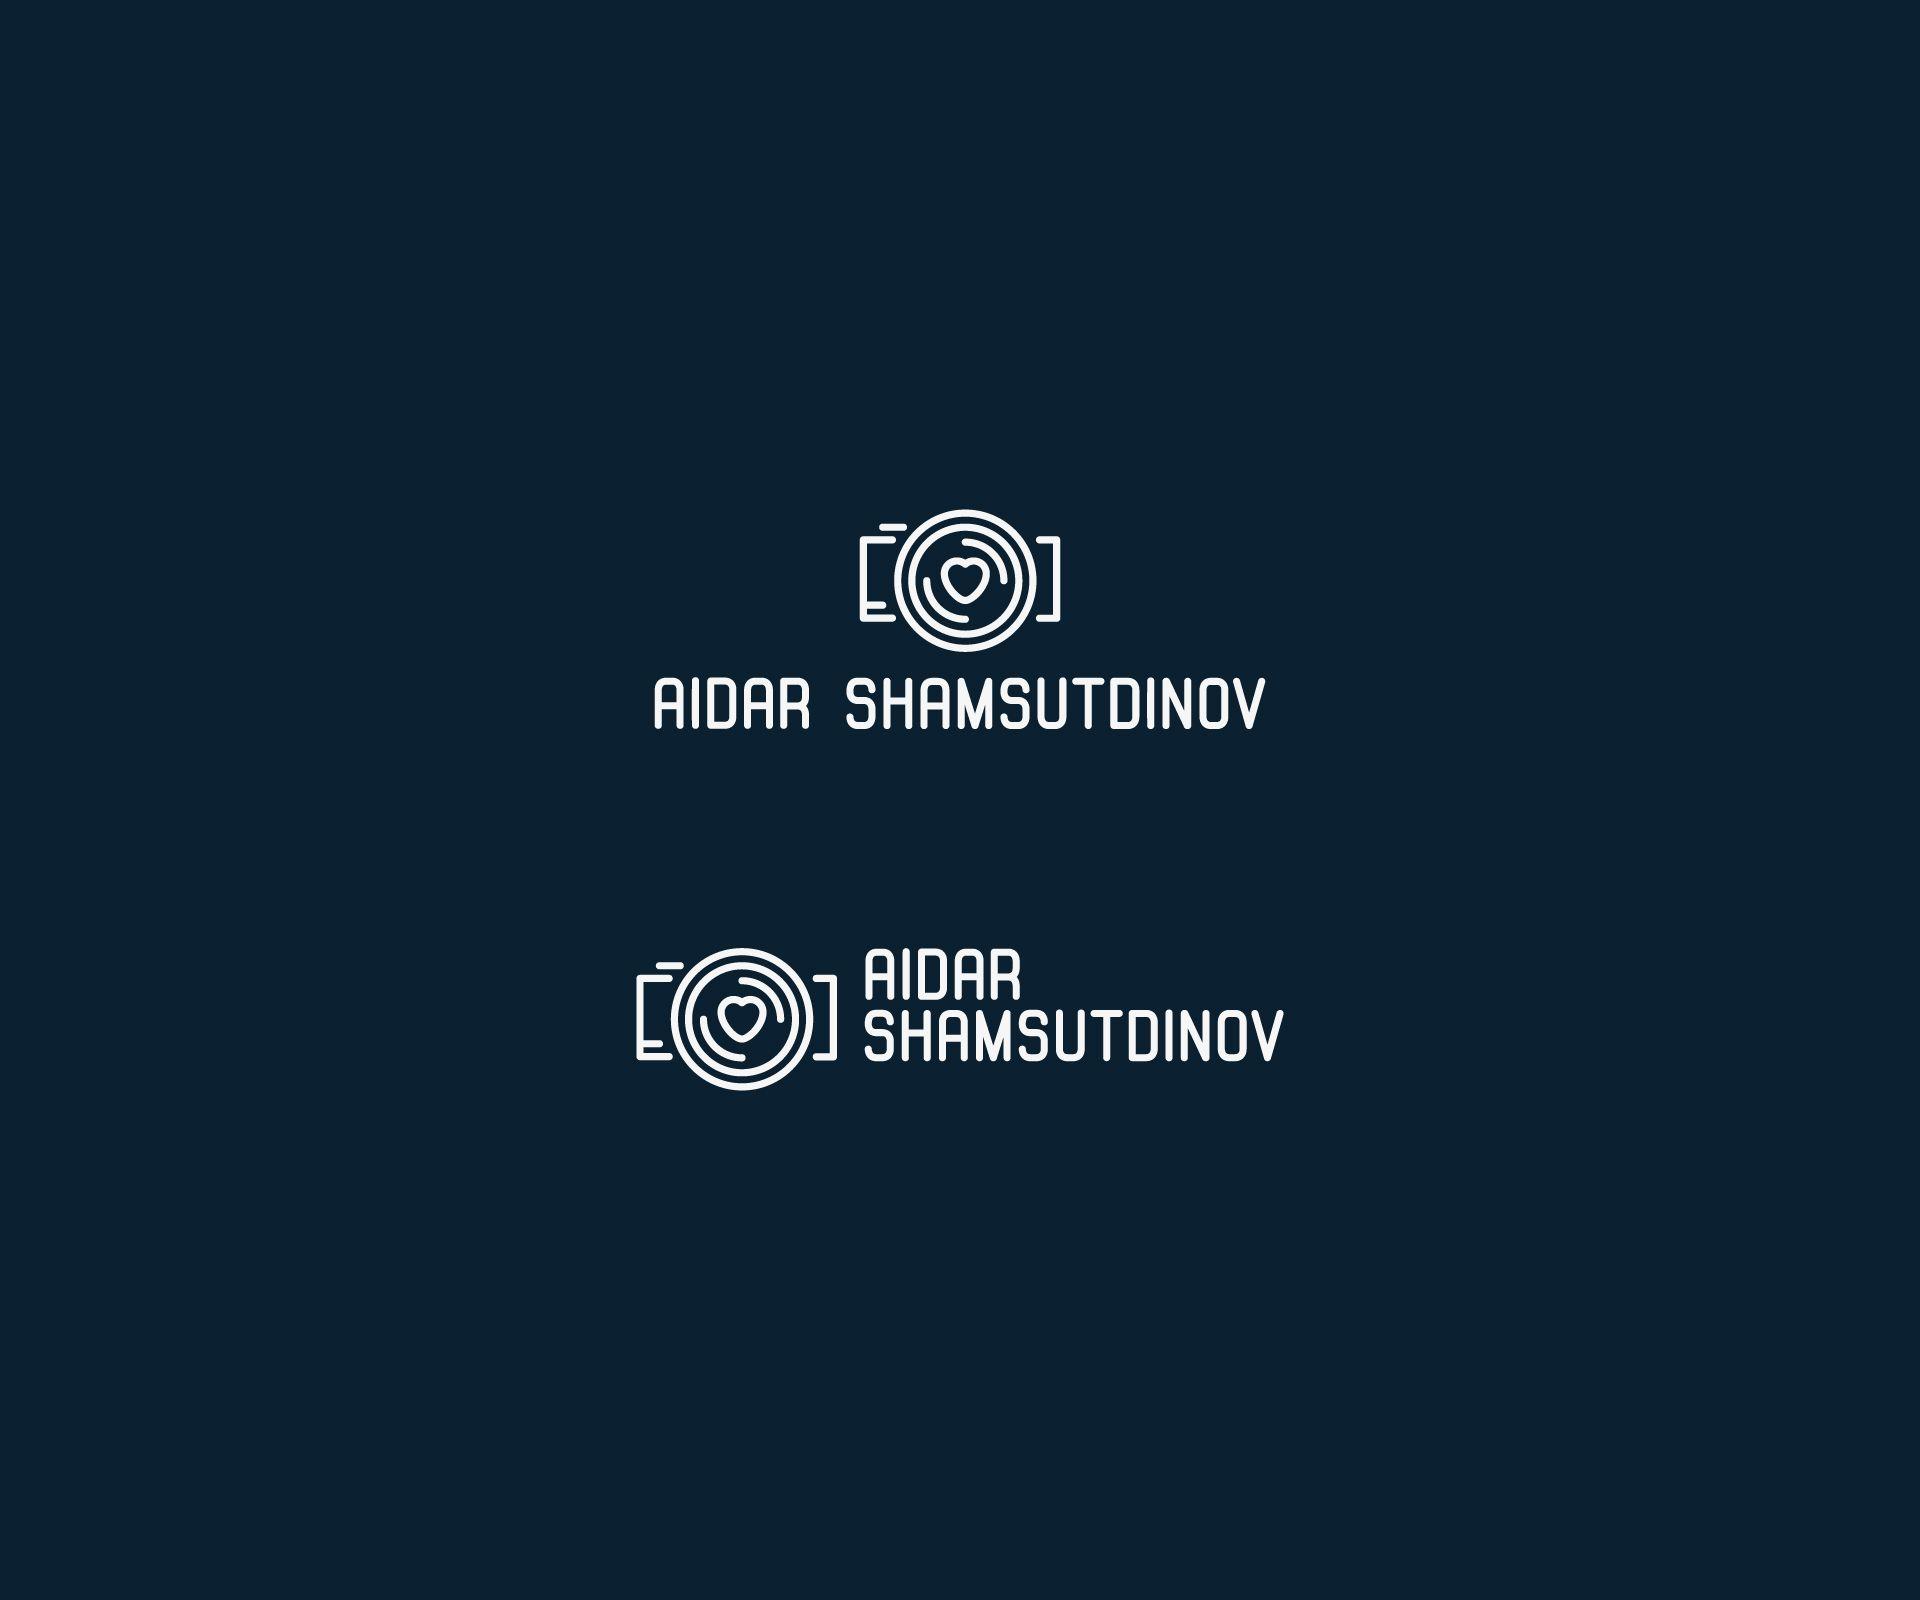 Логотип для фотографа - дизайнер Gendarme